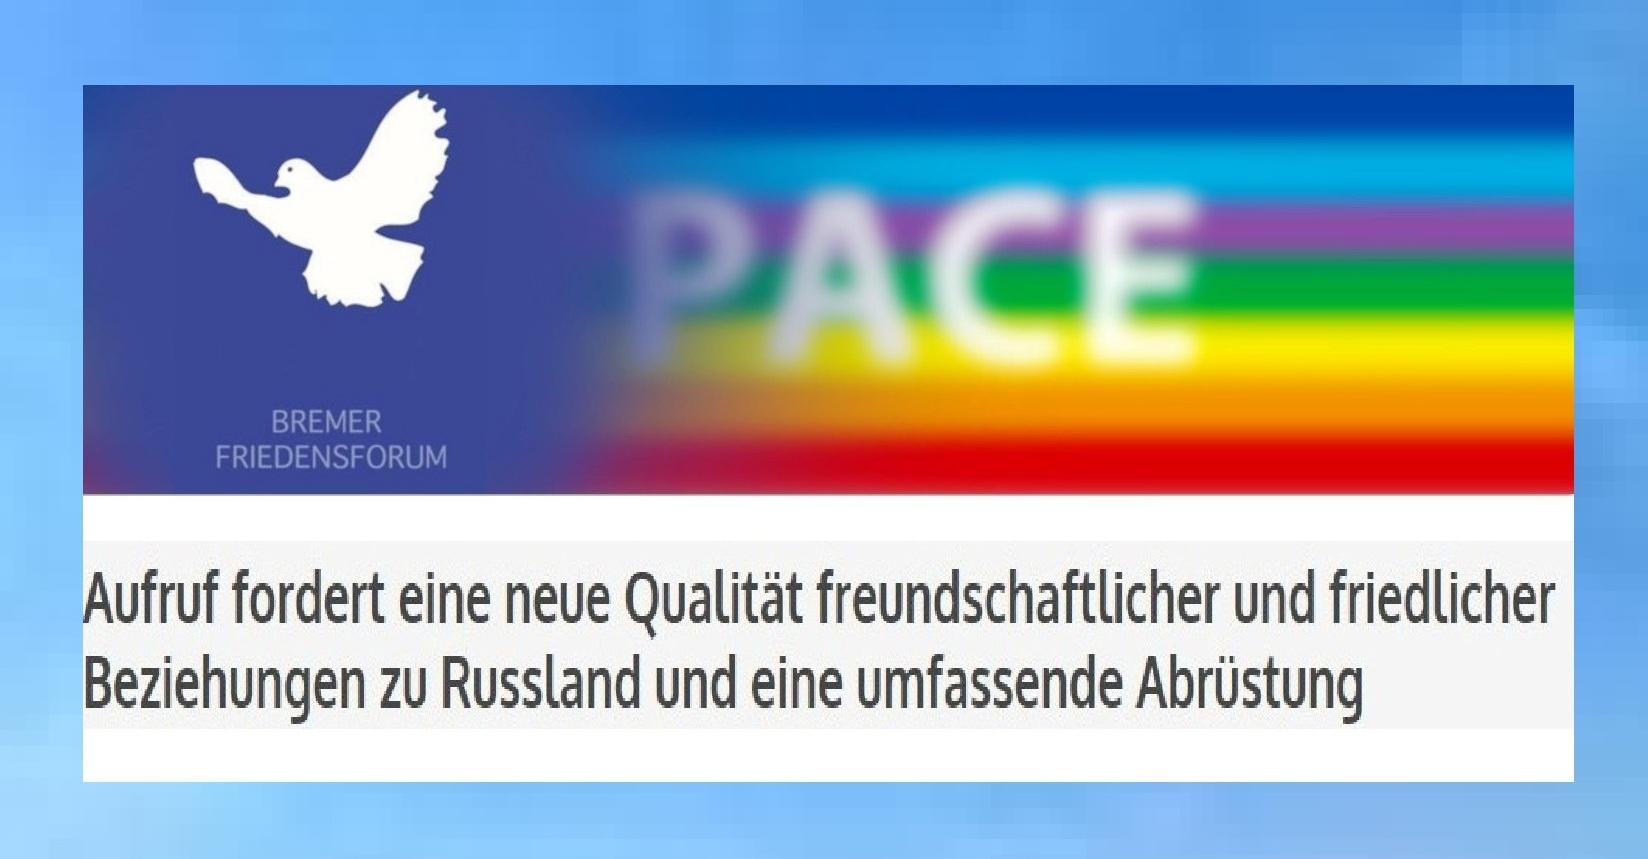 Bremer Friedensforum: Aufruf fordert eine neue Qualität freundschaftlicher und friedlicher Beziehungen zu Russland und eine umfassende  Abrüstung